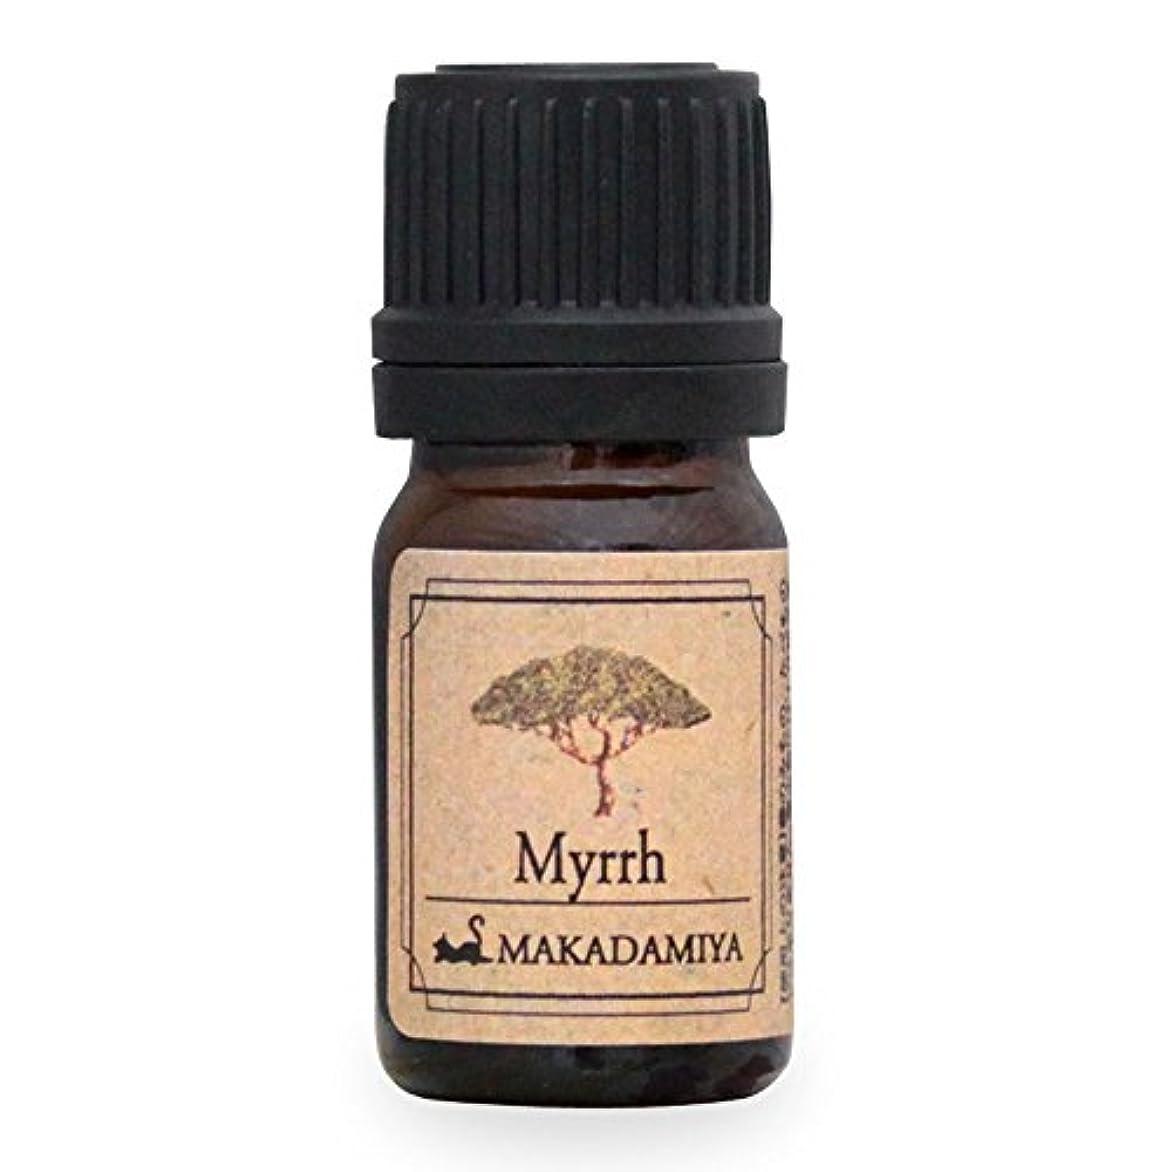 敬怒りパターンミルラ5ml 天然100%植物性 エッセンシャルオイル(精油) アロマオイル アロママッサージ aroma Myrrh